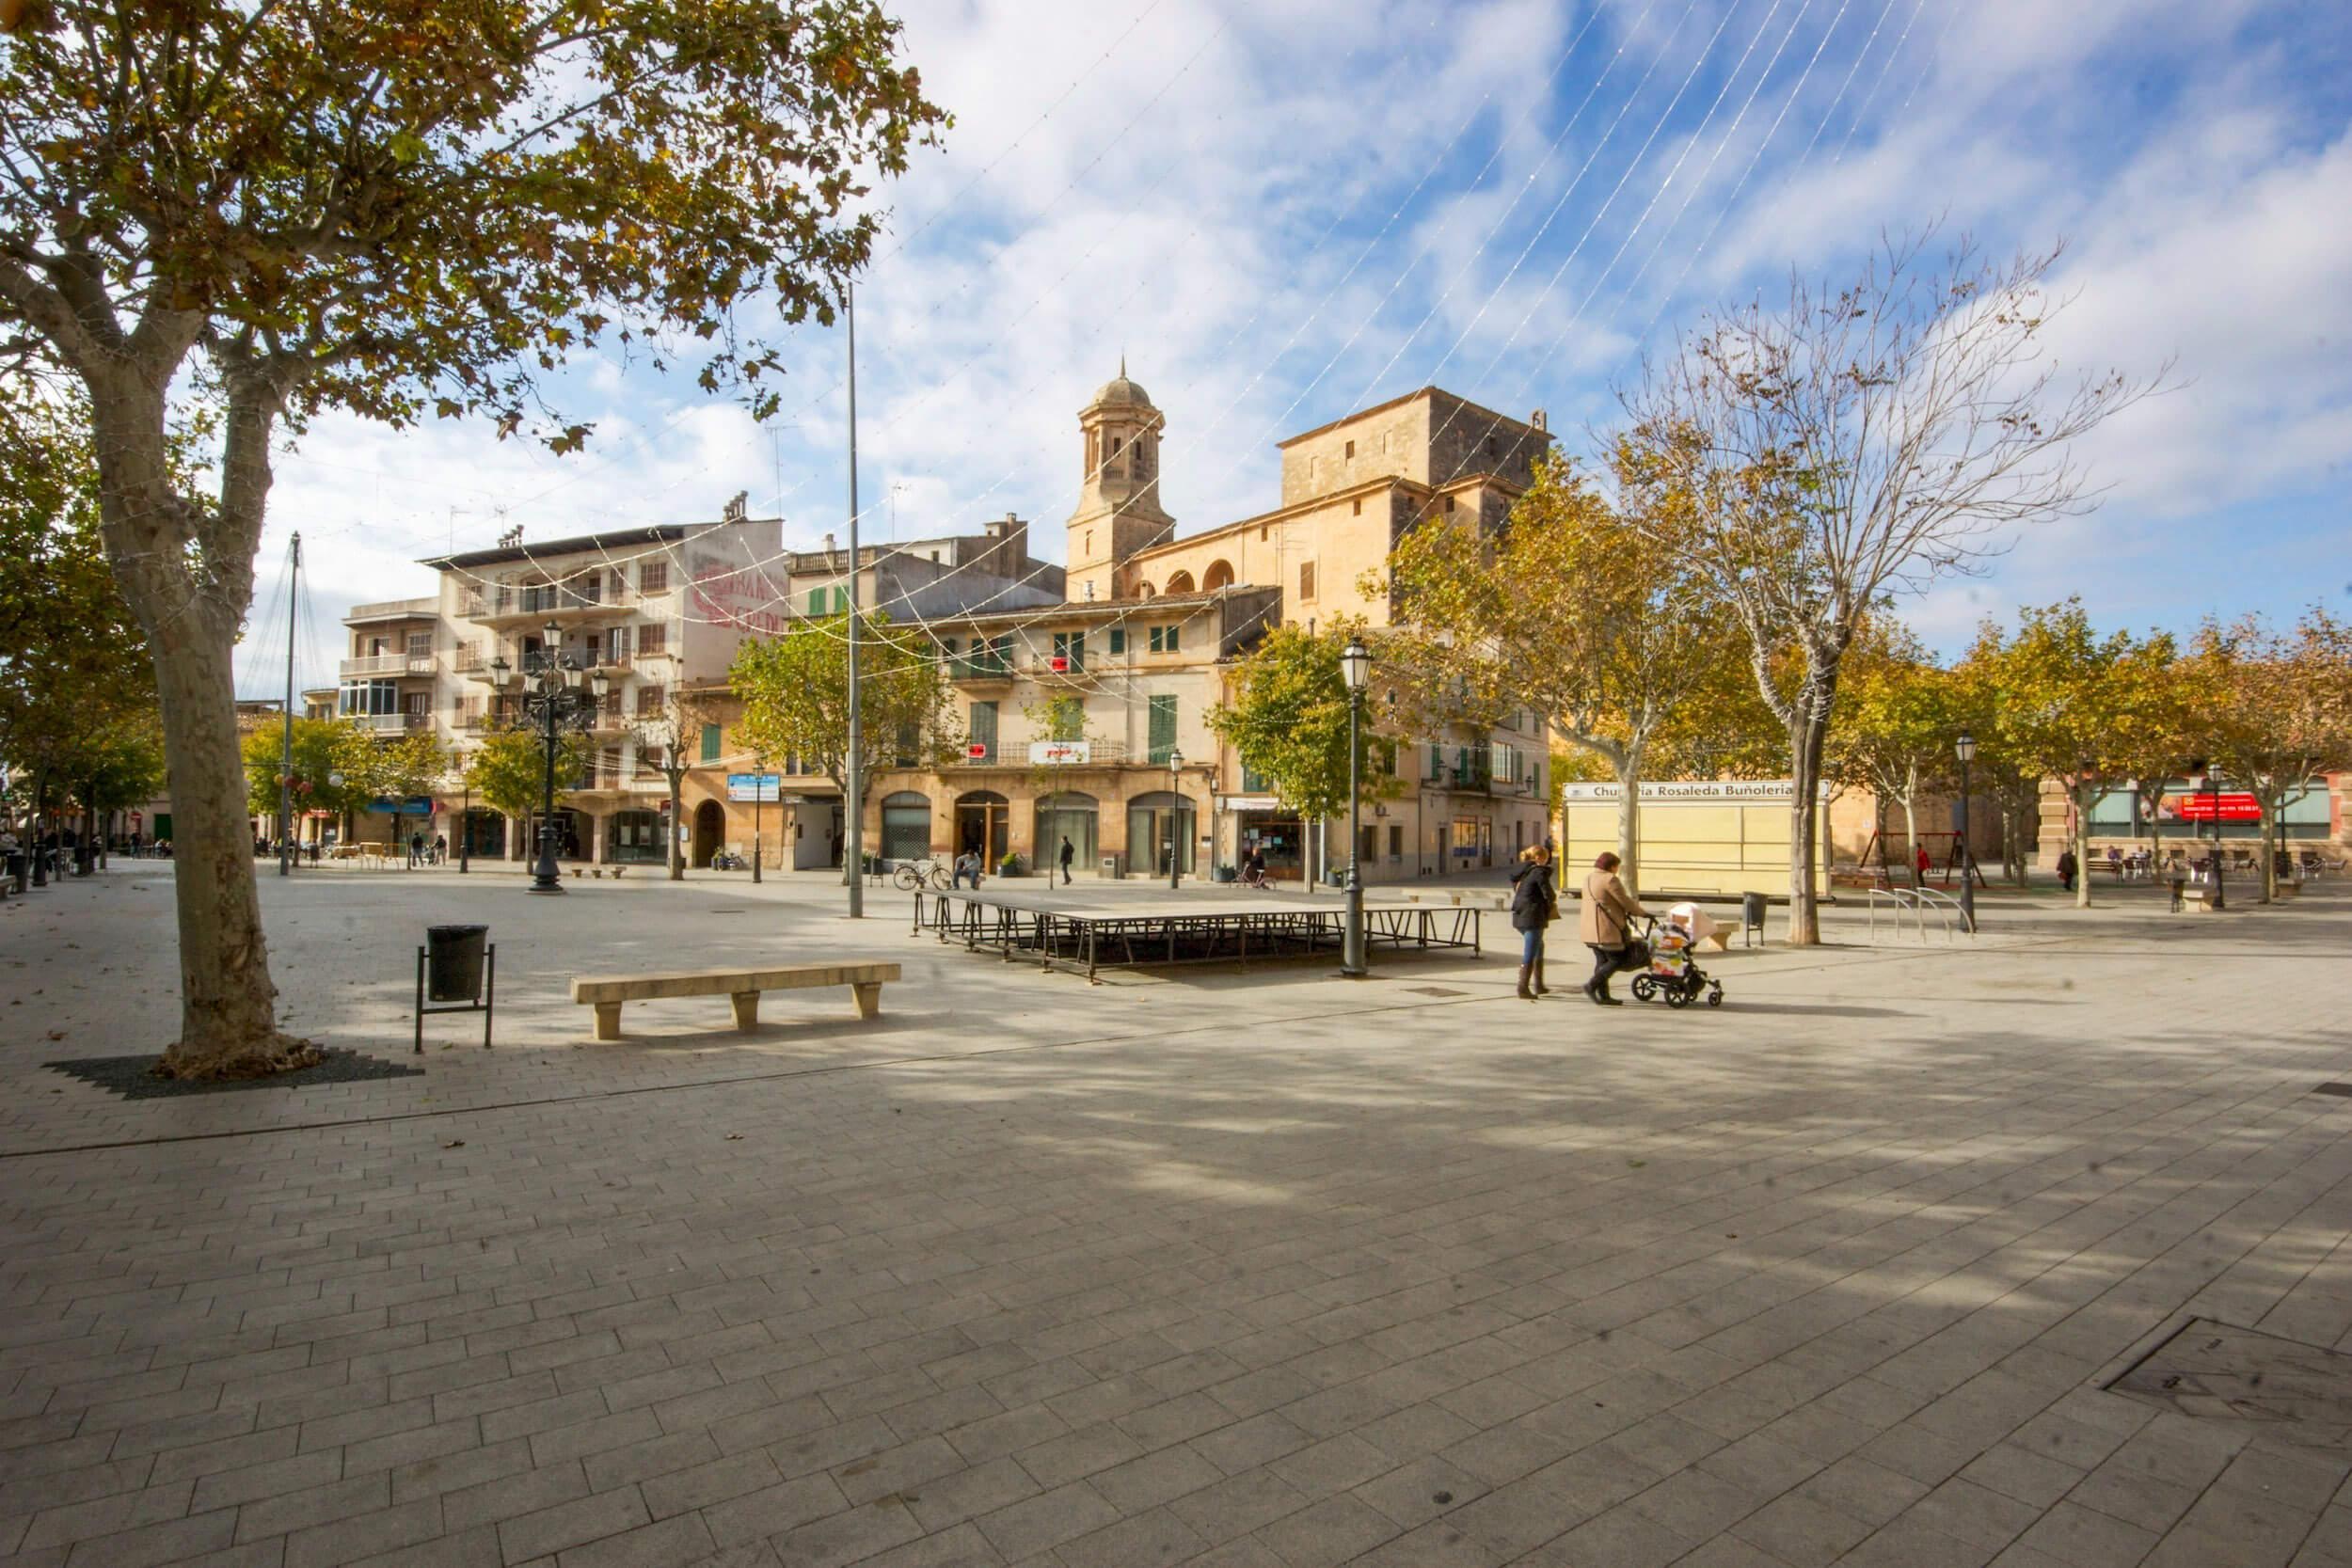 Placa Espanja Llucmajor